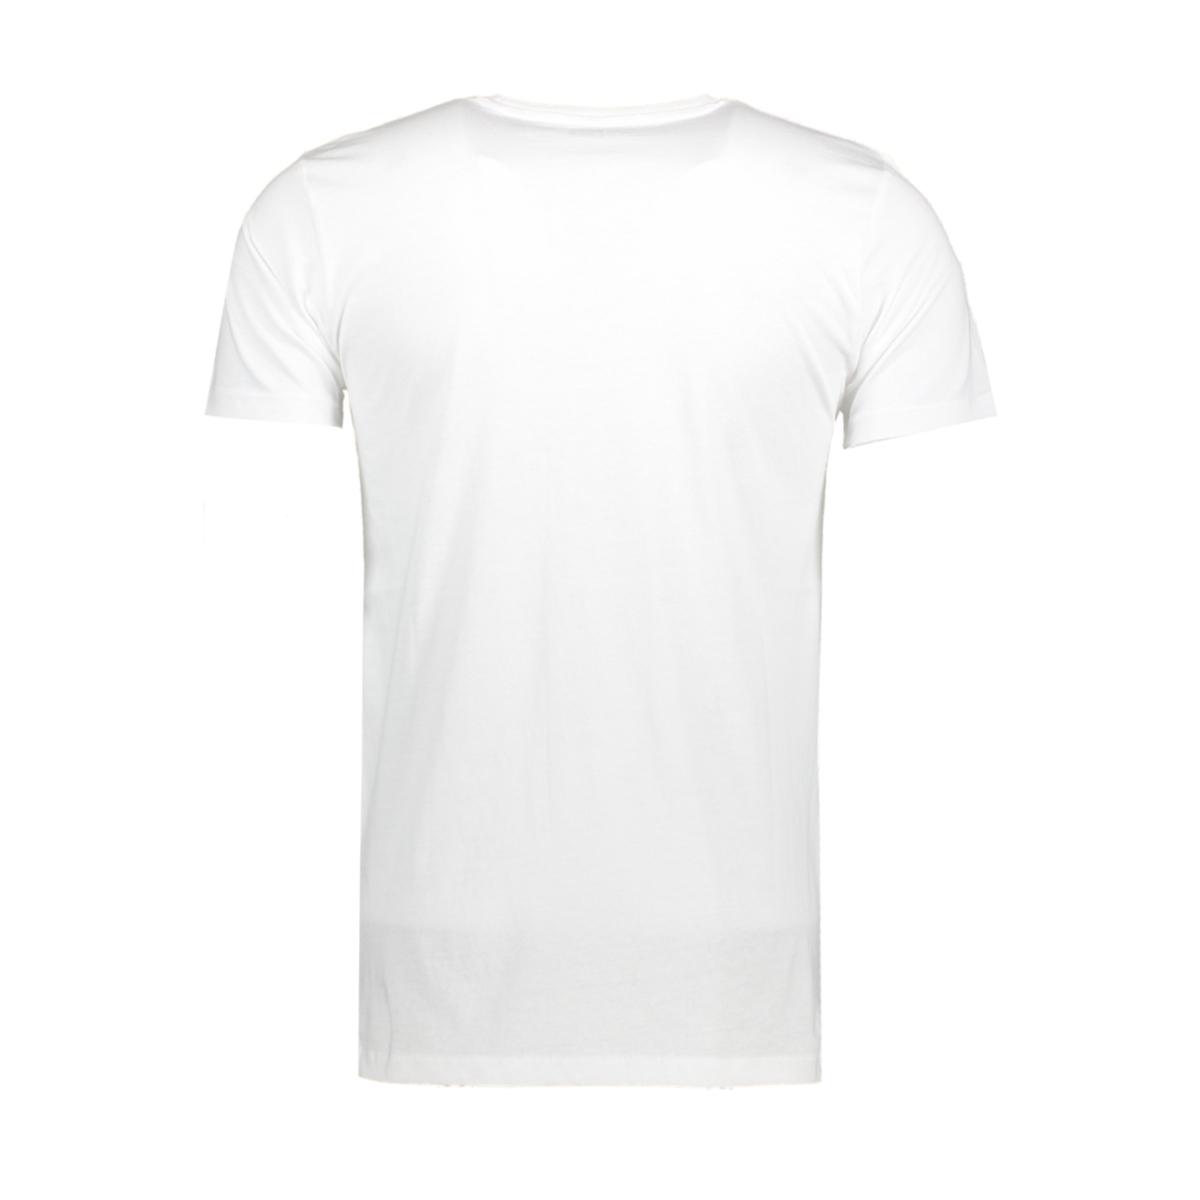 997ee2k819 esprit t-shirt e100